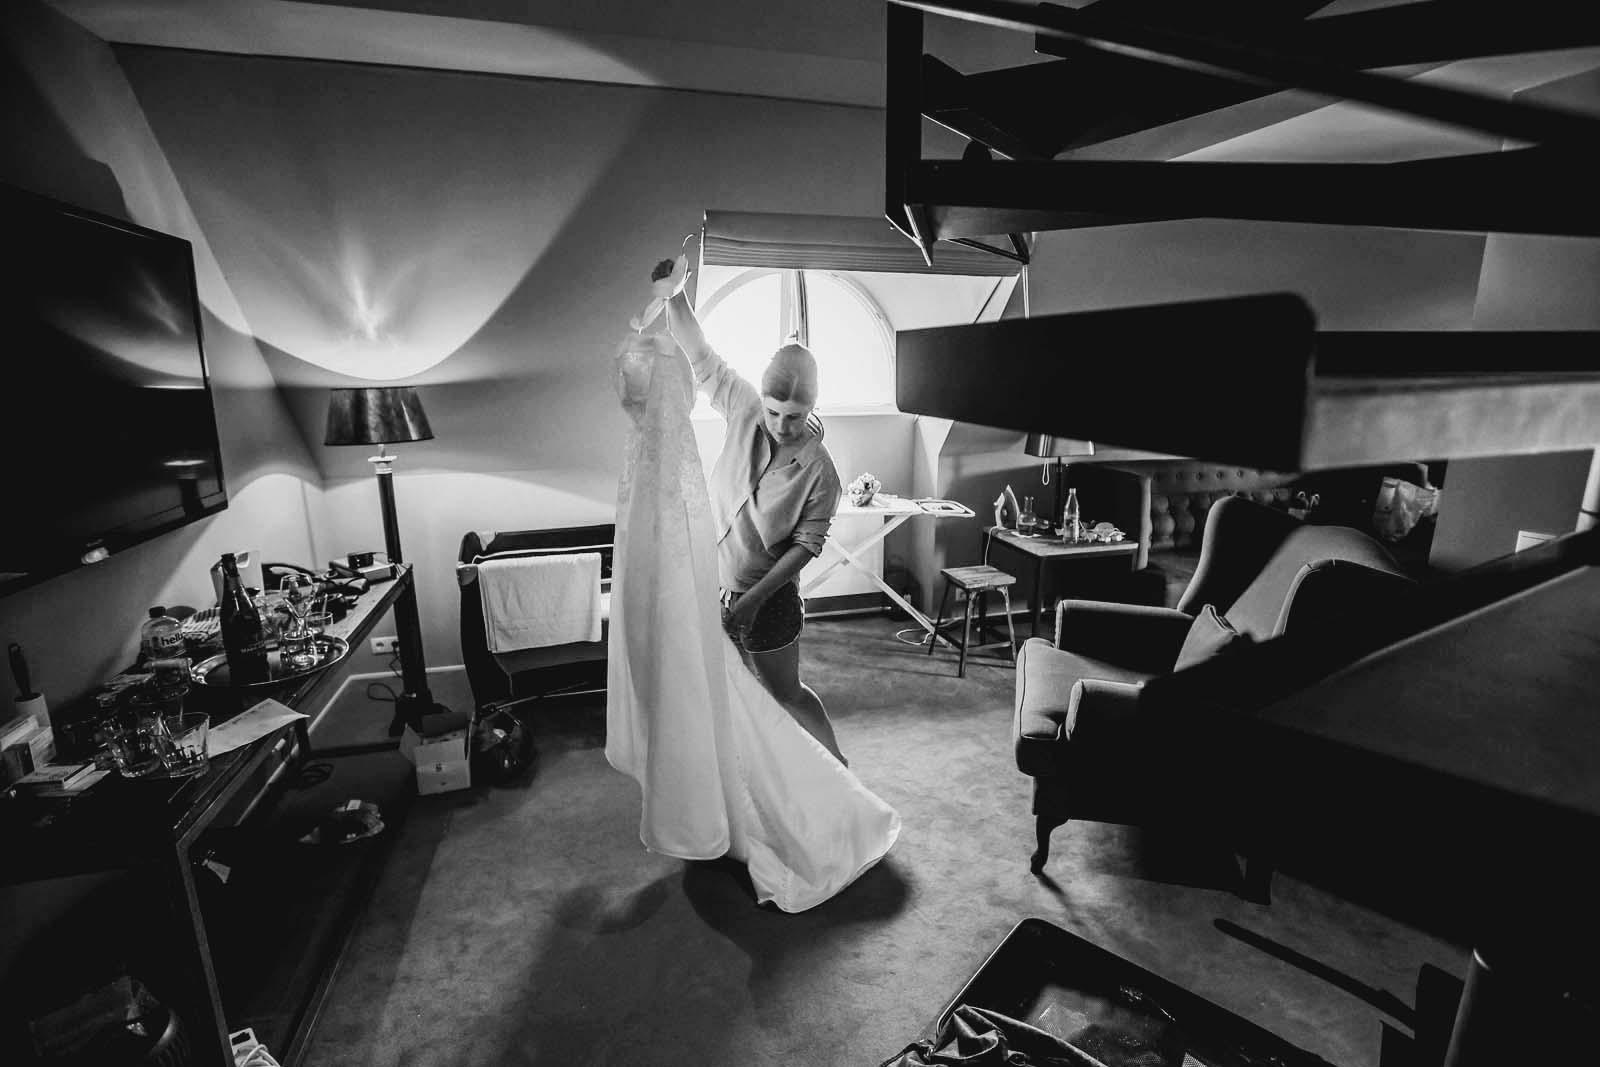 Braut mit Brautlkleid Hochzeitsreportage vom professionellem Footografen Copyright by Hochzeitsfotograf www.berliner-hochzeitsfotografie.de